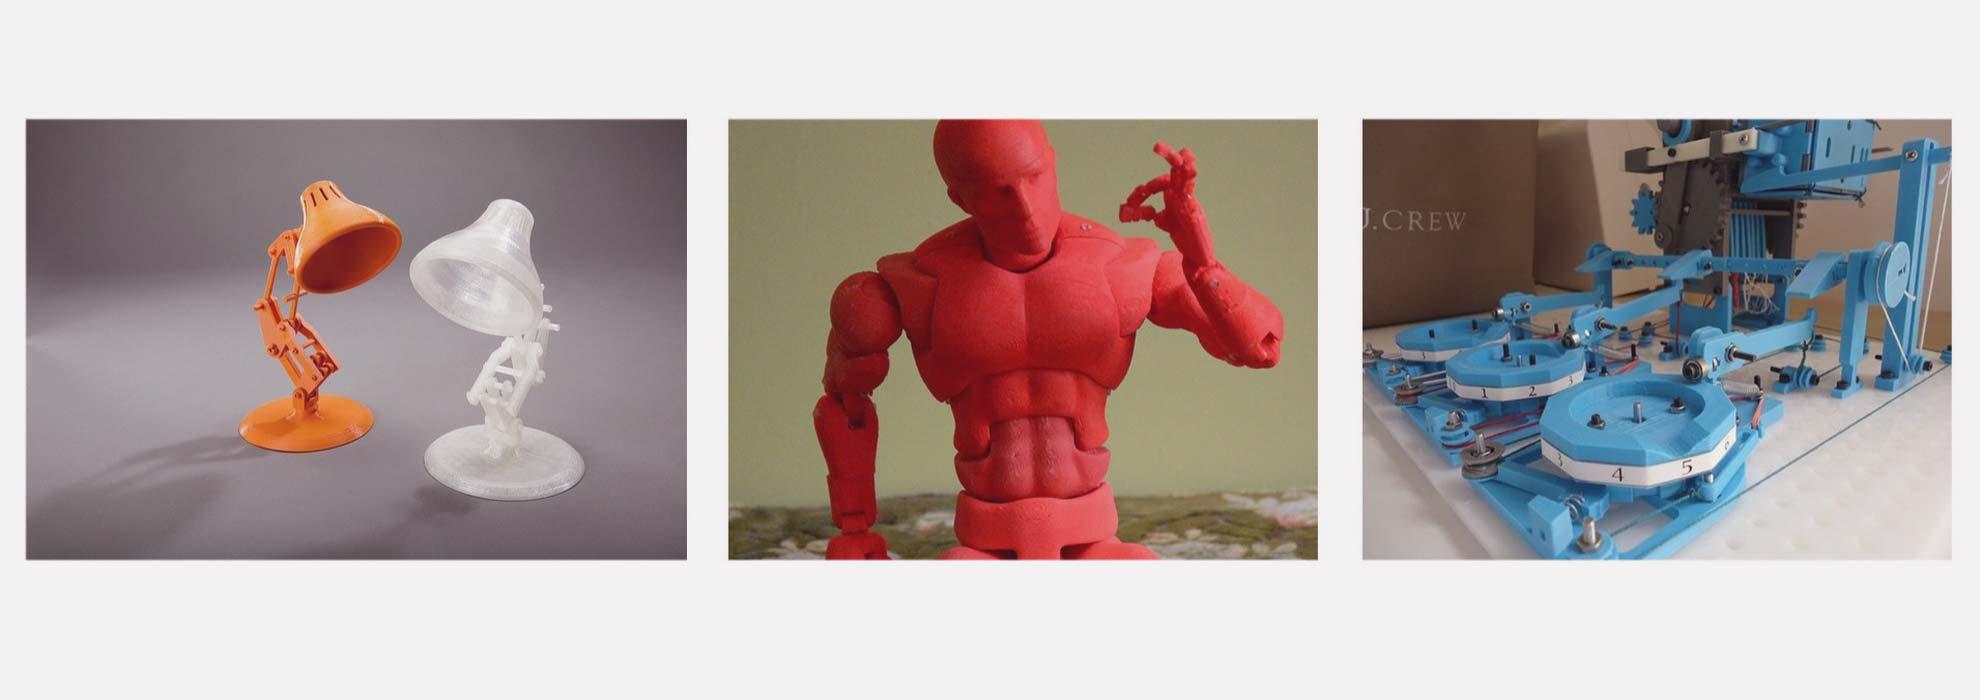 Игрушки в виде настольных ламп, человечек. Работающий 3Д принтер